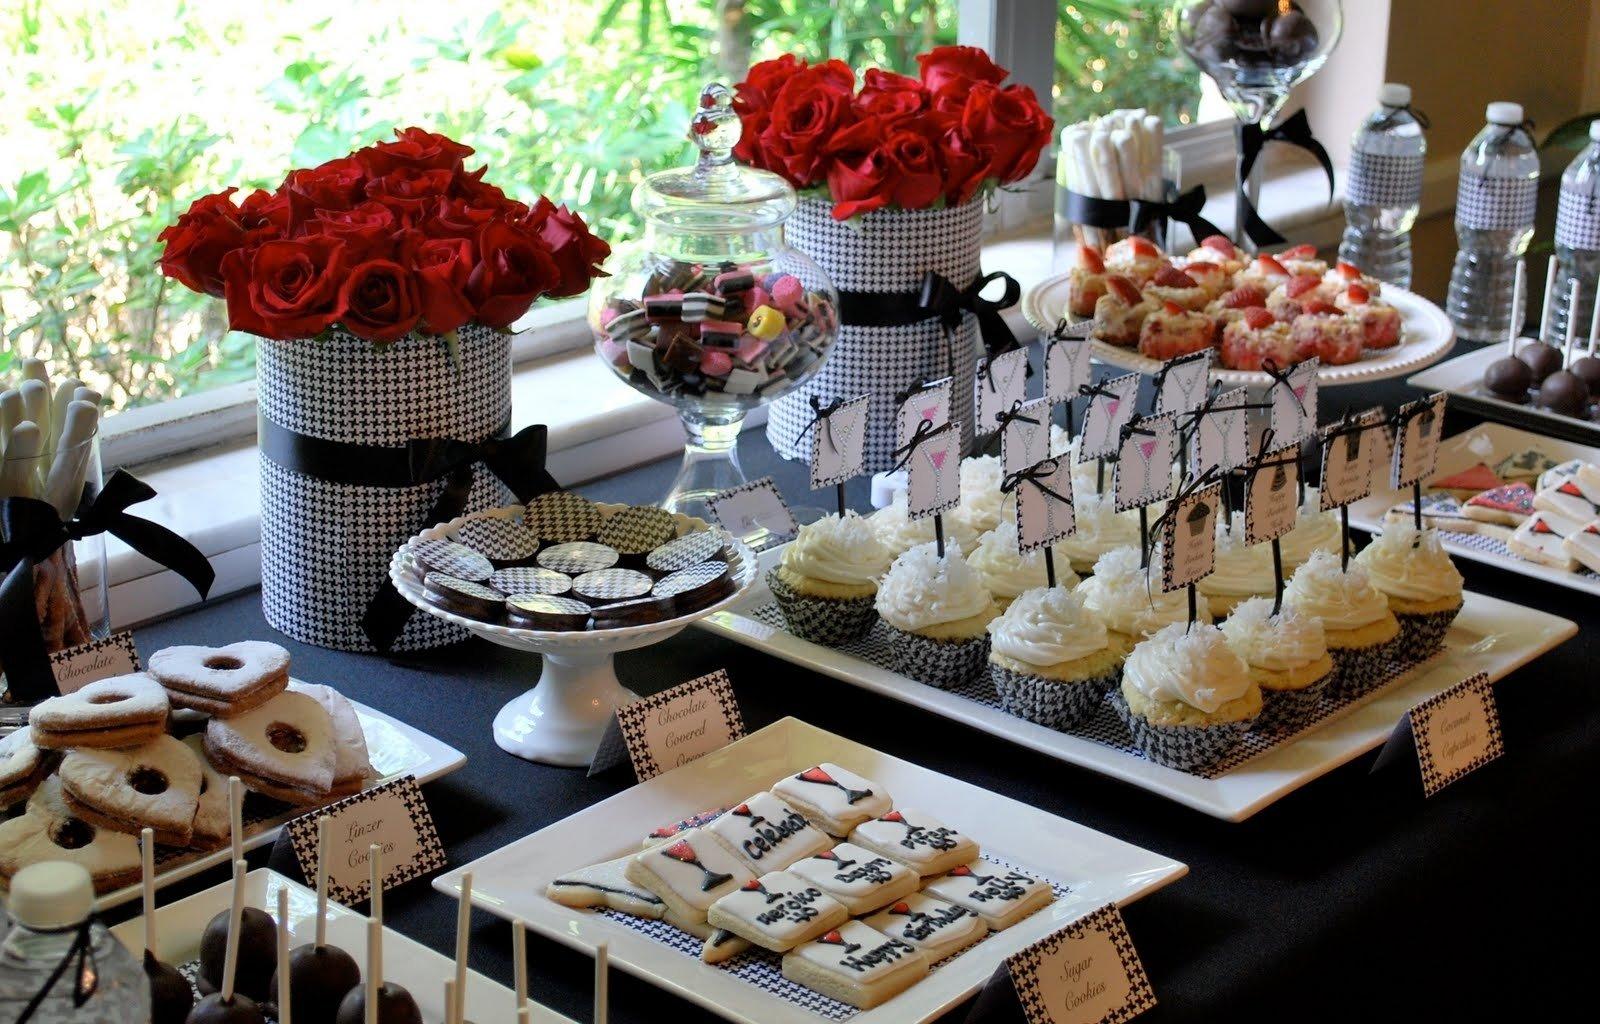 kara's party ideas 40th birthday party | kara's party ideas